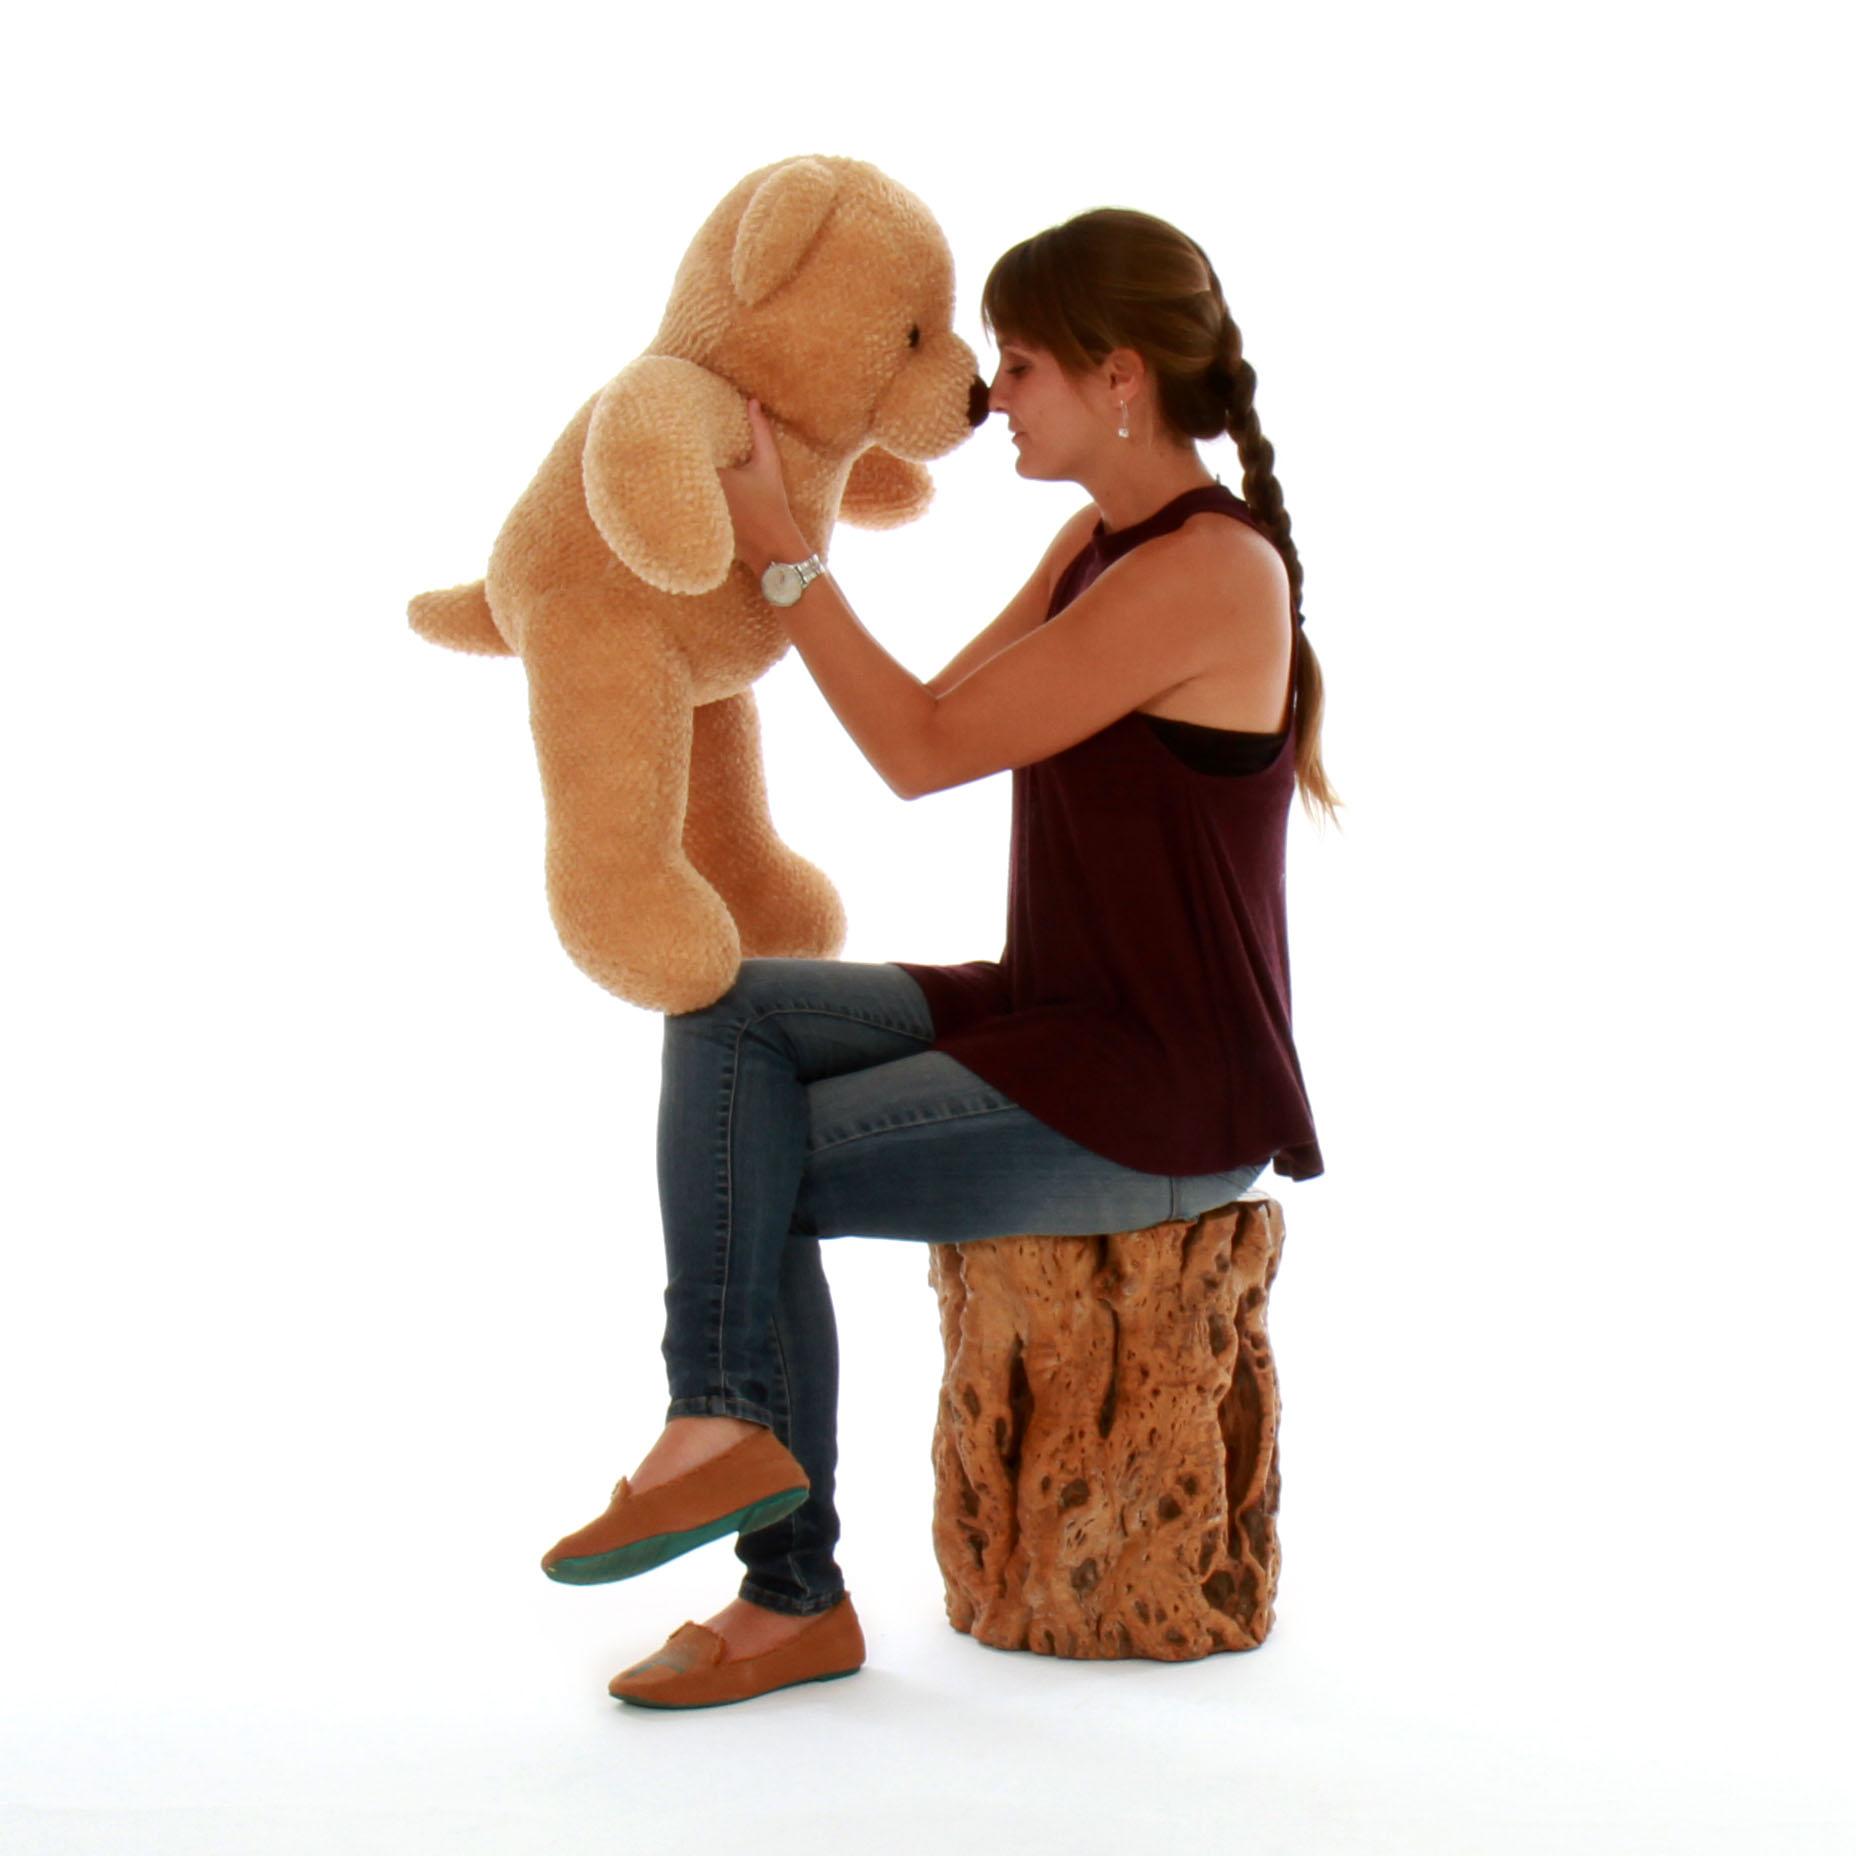 big-amber-teddy-bear-cutie-chubs-30in-resized.jpg